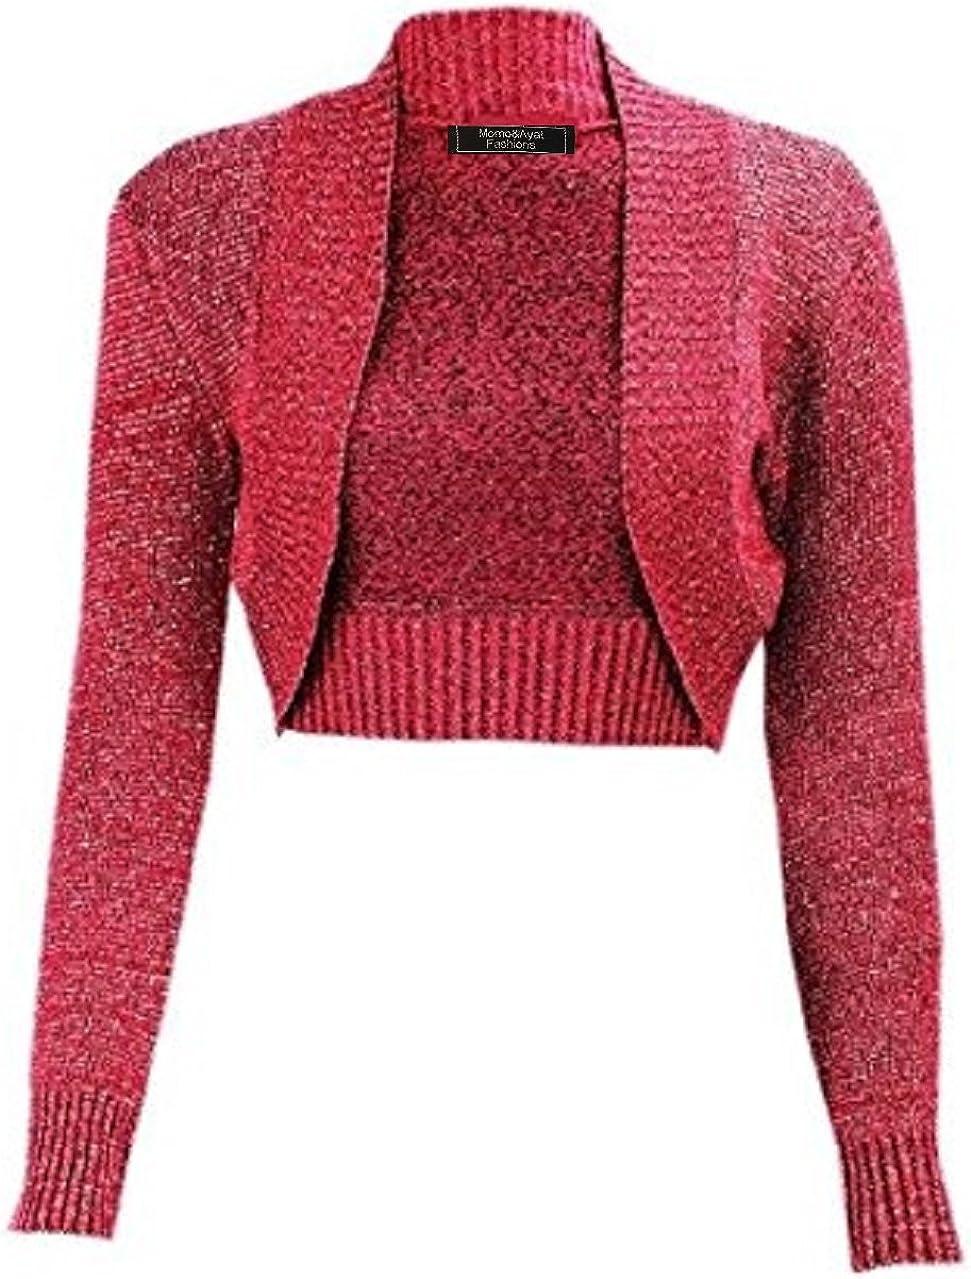 in lurex metallizzato Momo/&Ayat Fashions taglia 40-56 Coprispalle da donna a costine